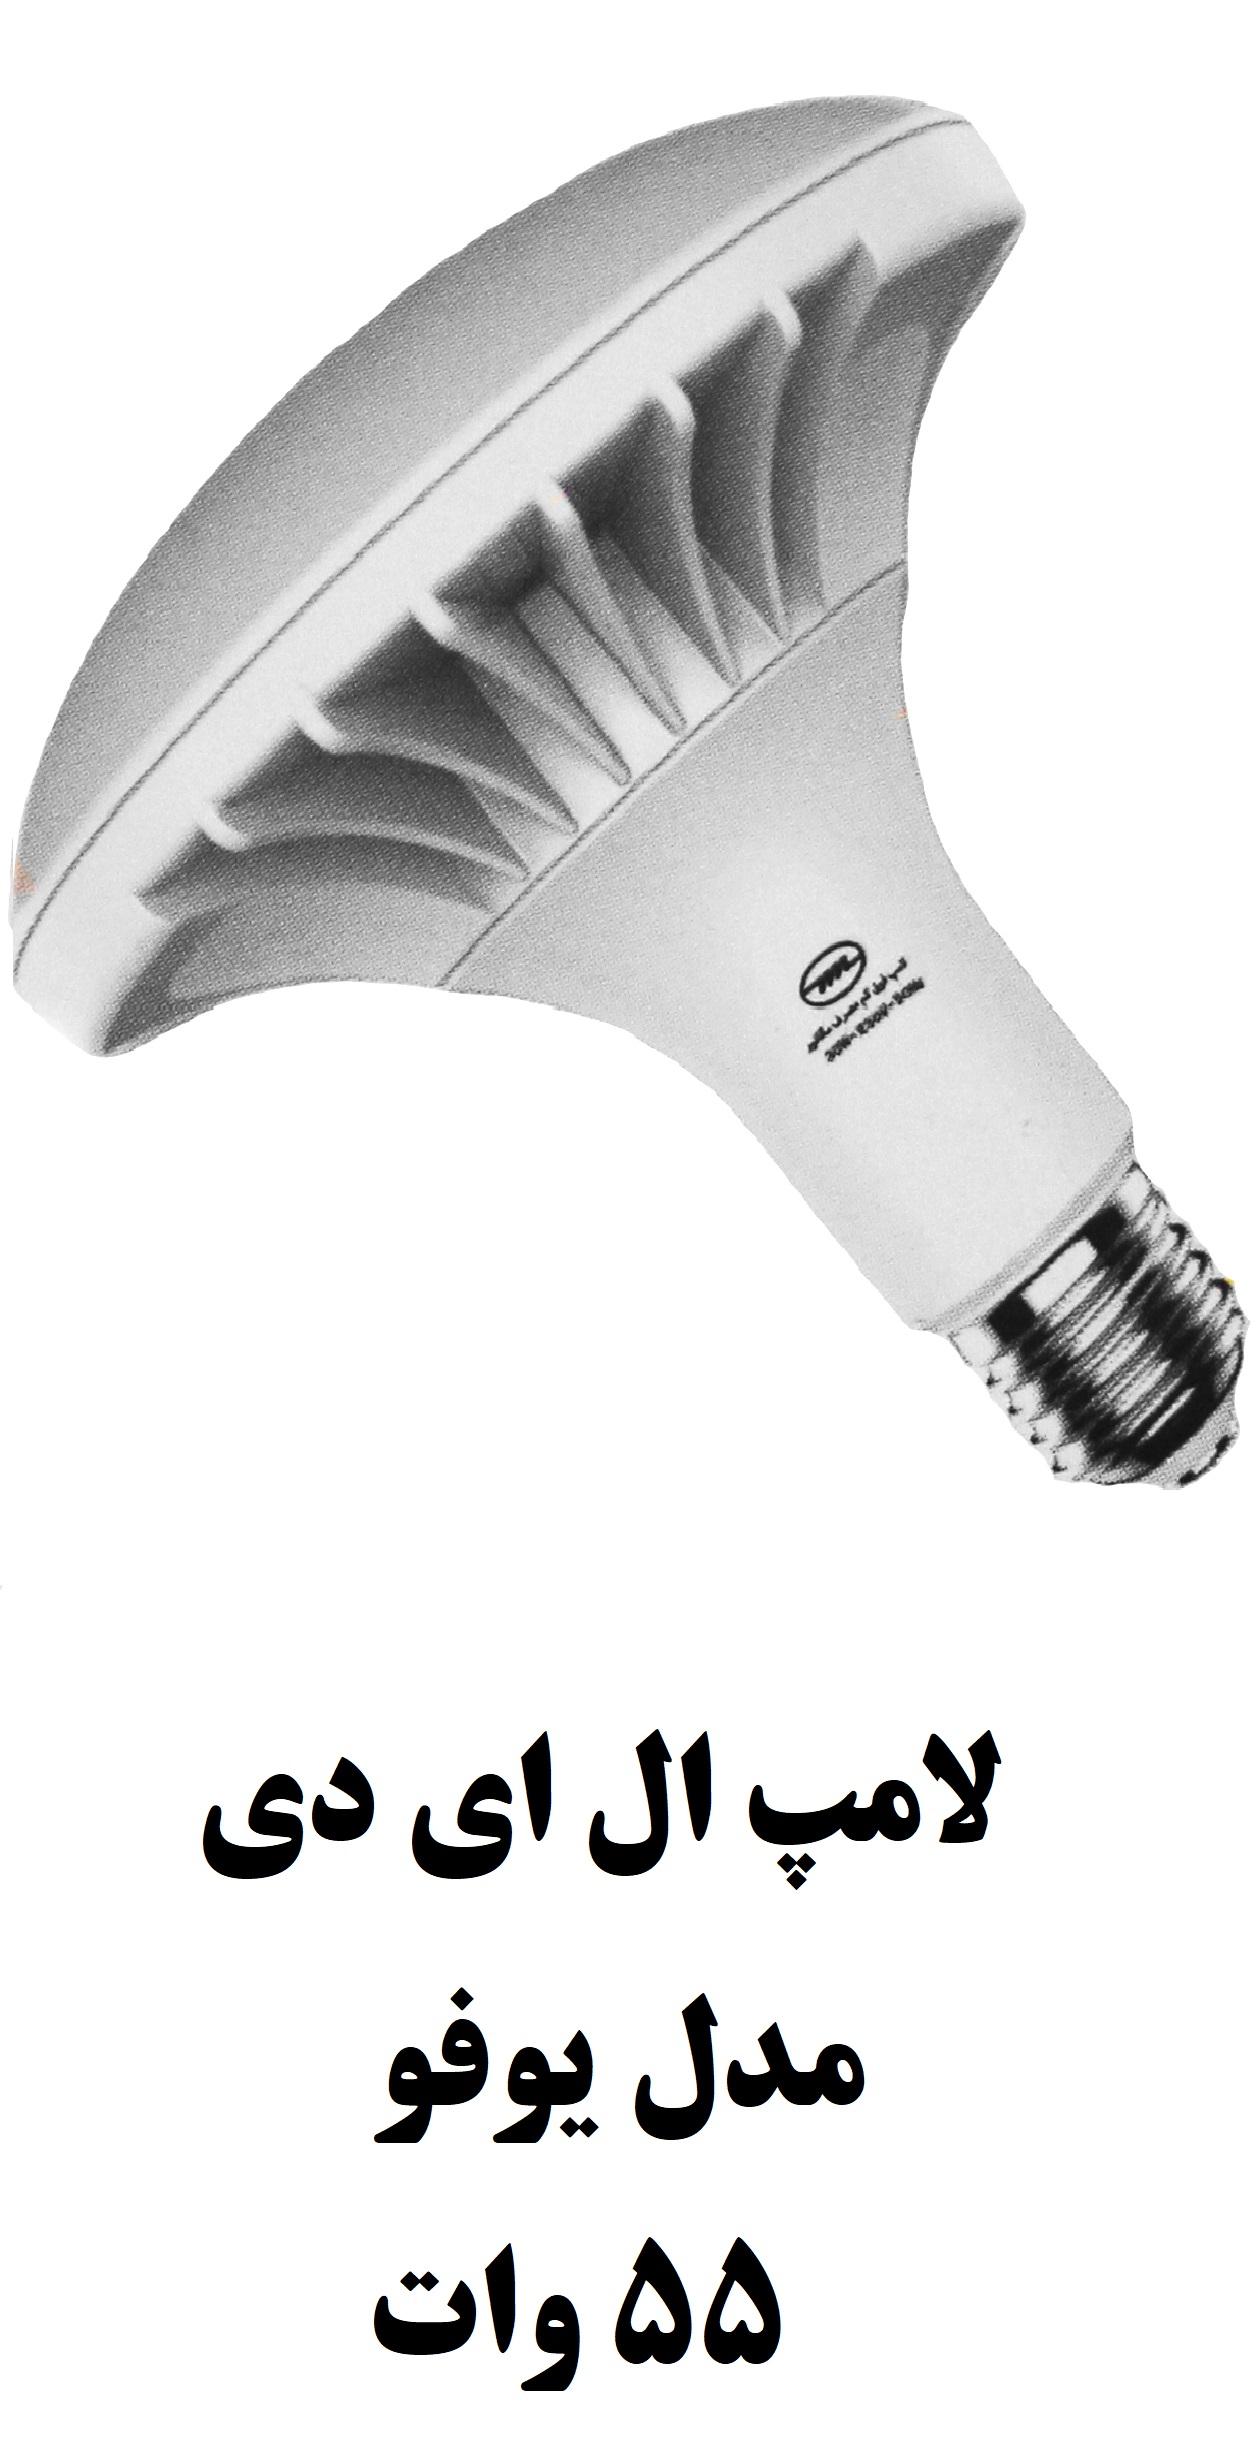 لامپ 55 وات LED - مدل یوفو